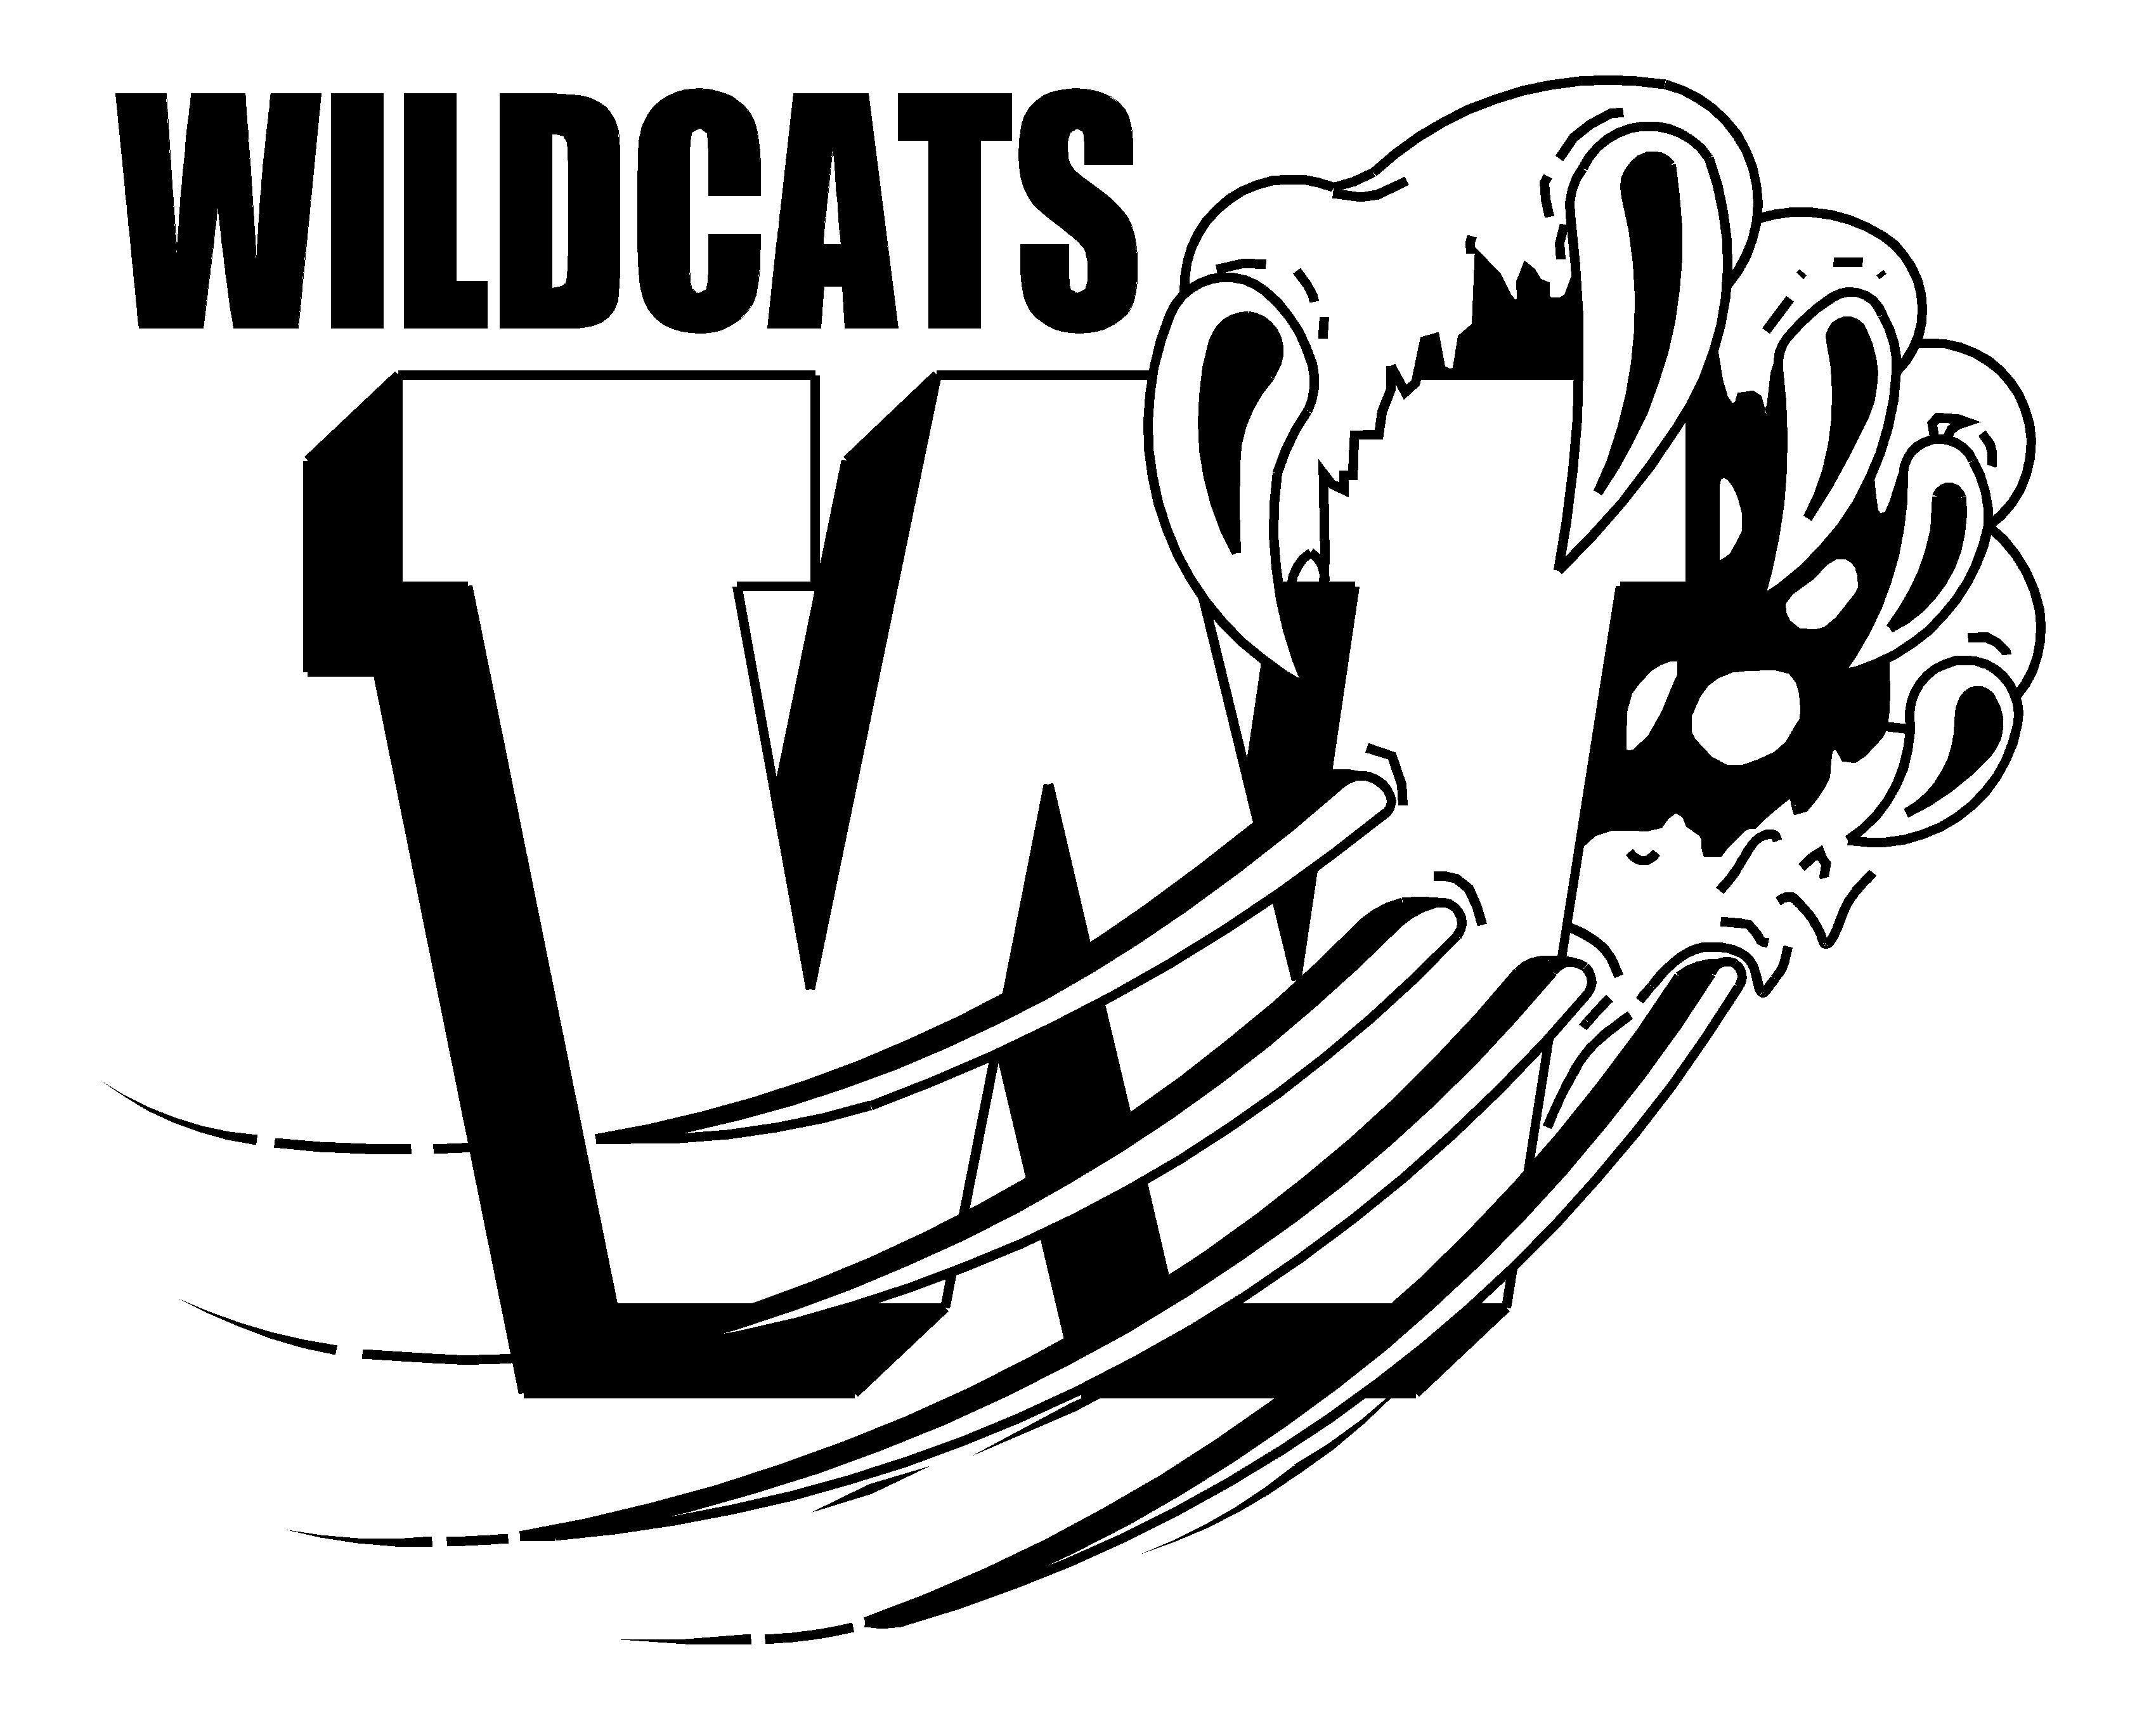 wildcats11303865480.jpeg 3,400×2,720 pixels Wildcats